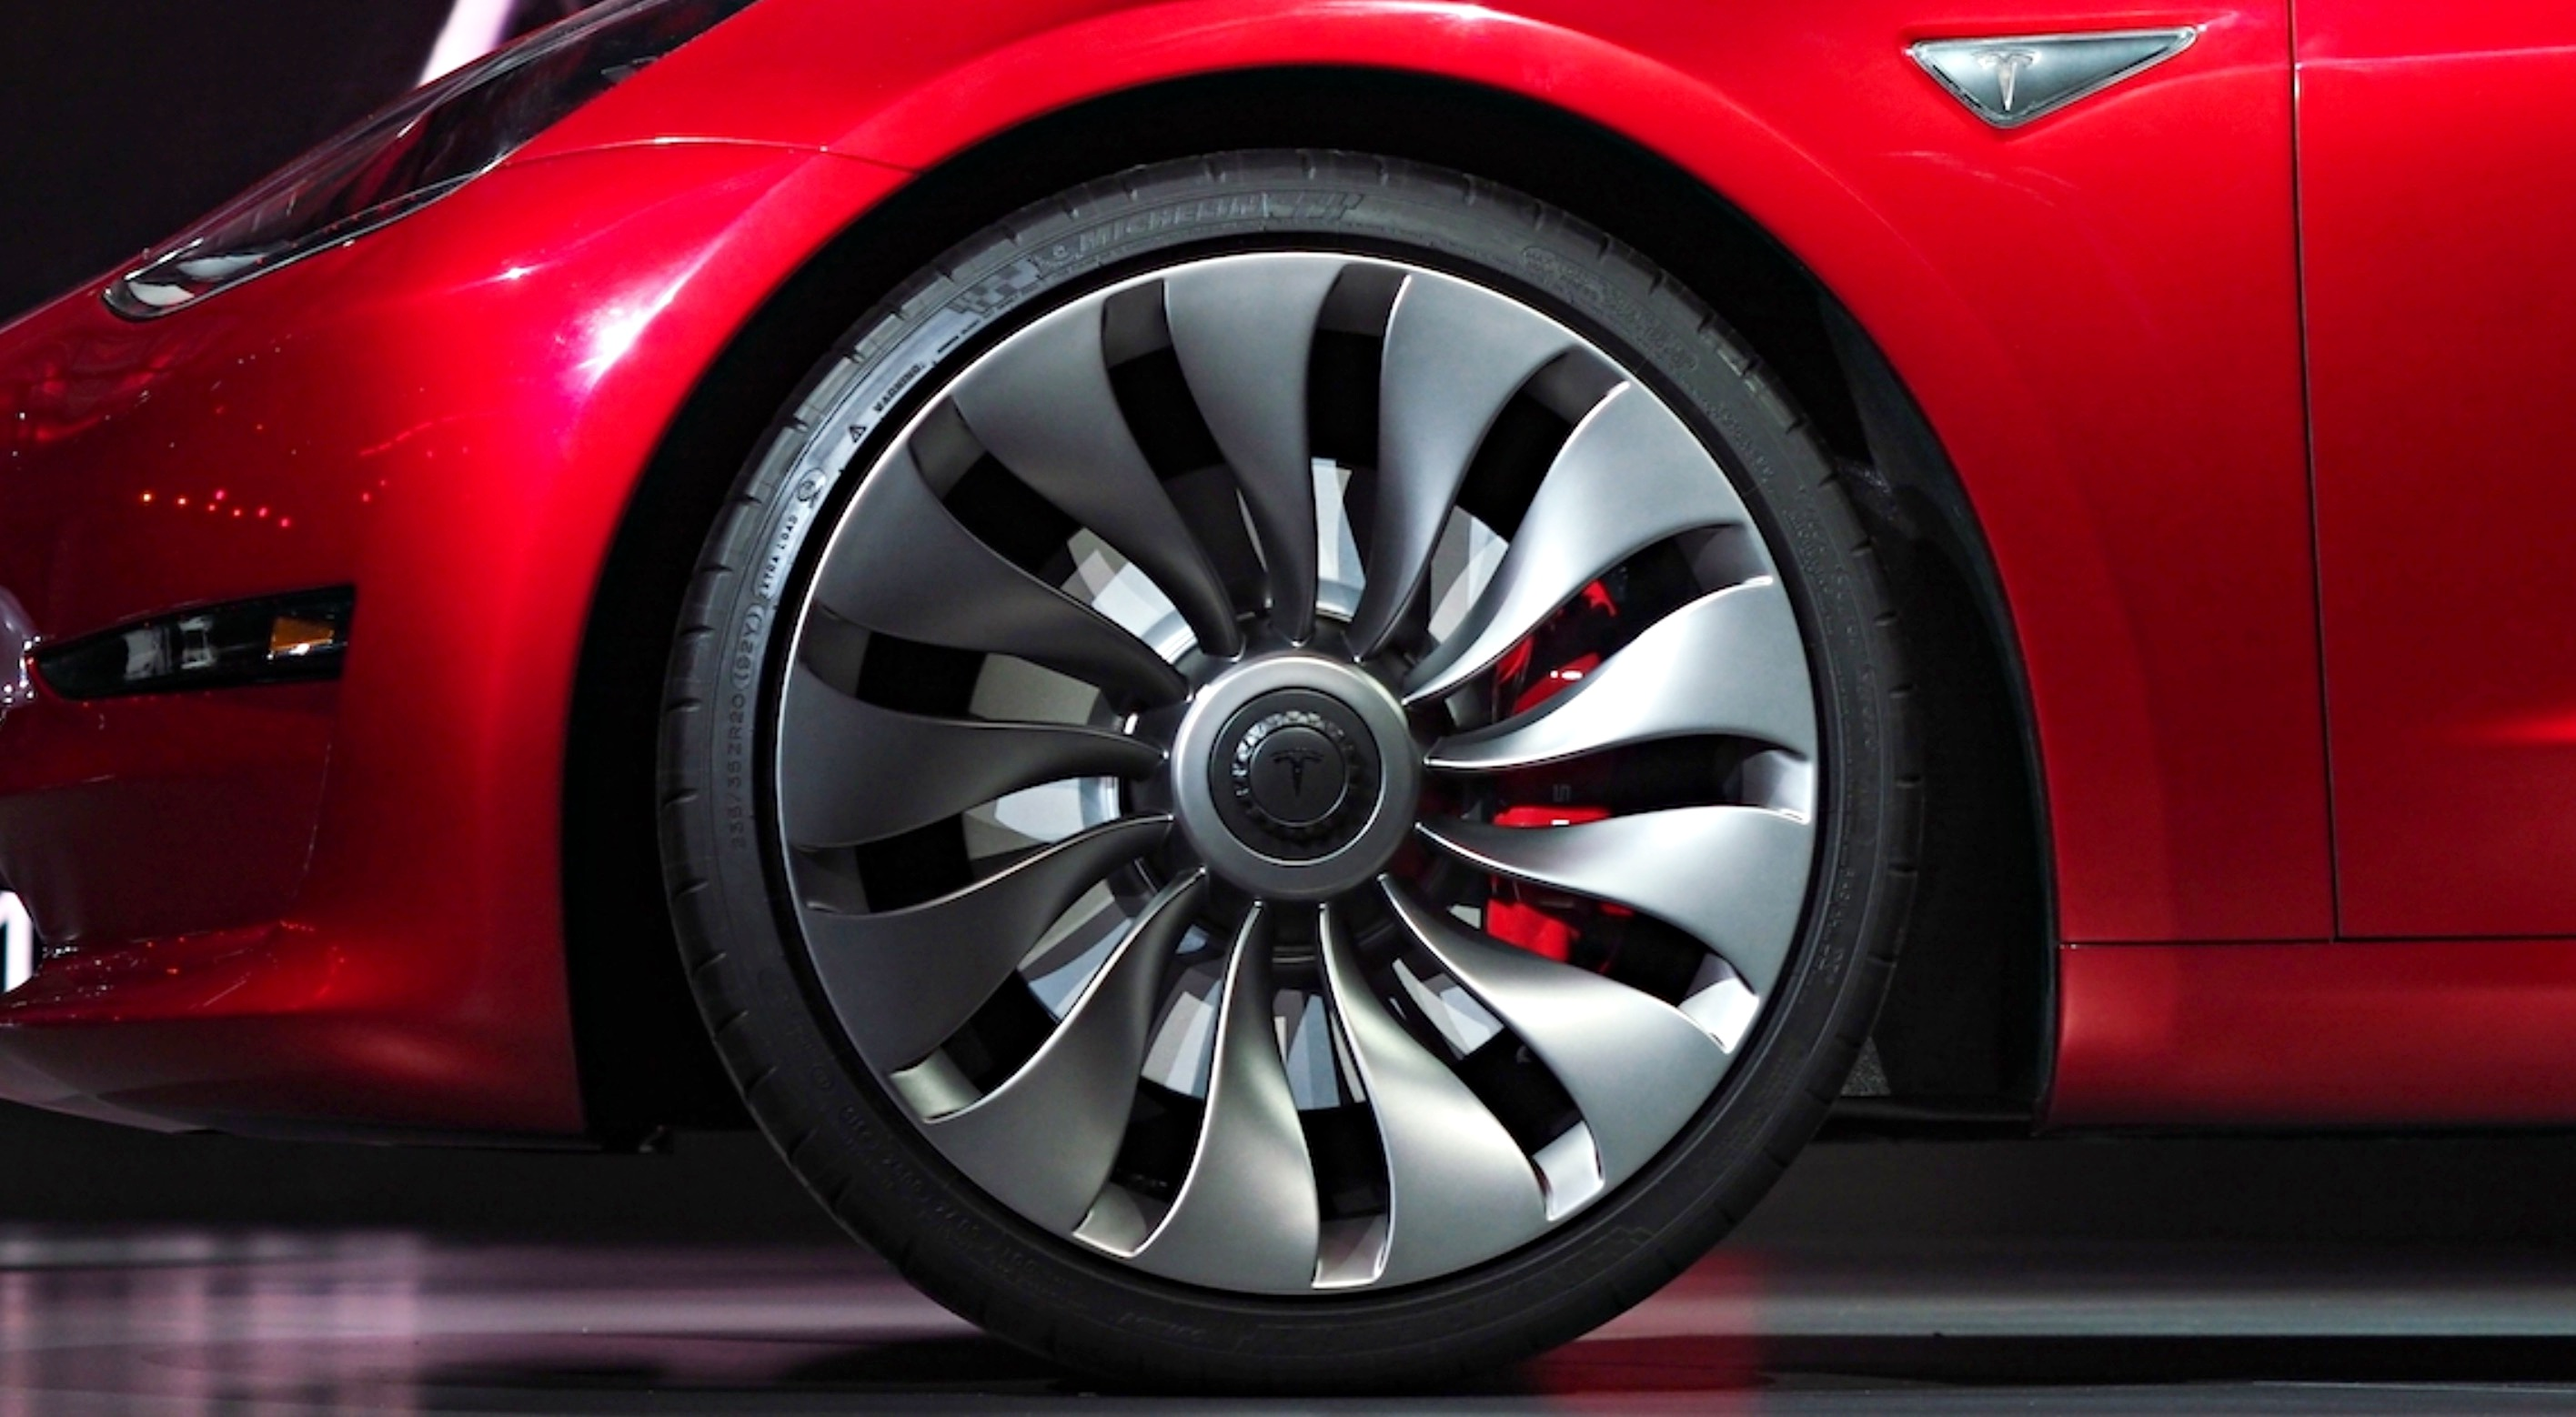 tesla-model-3-wheels-20-inch-michelin-tires